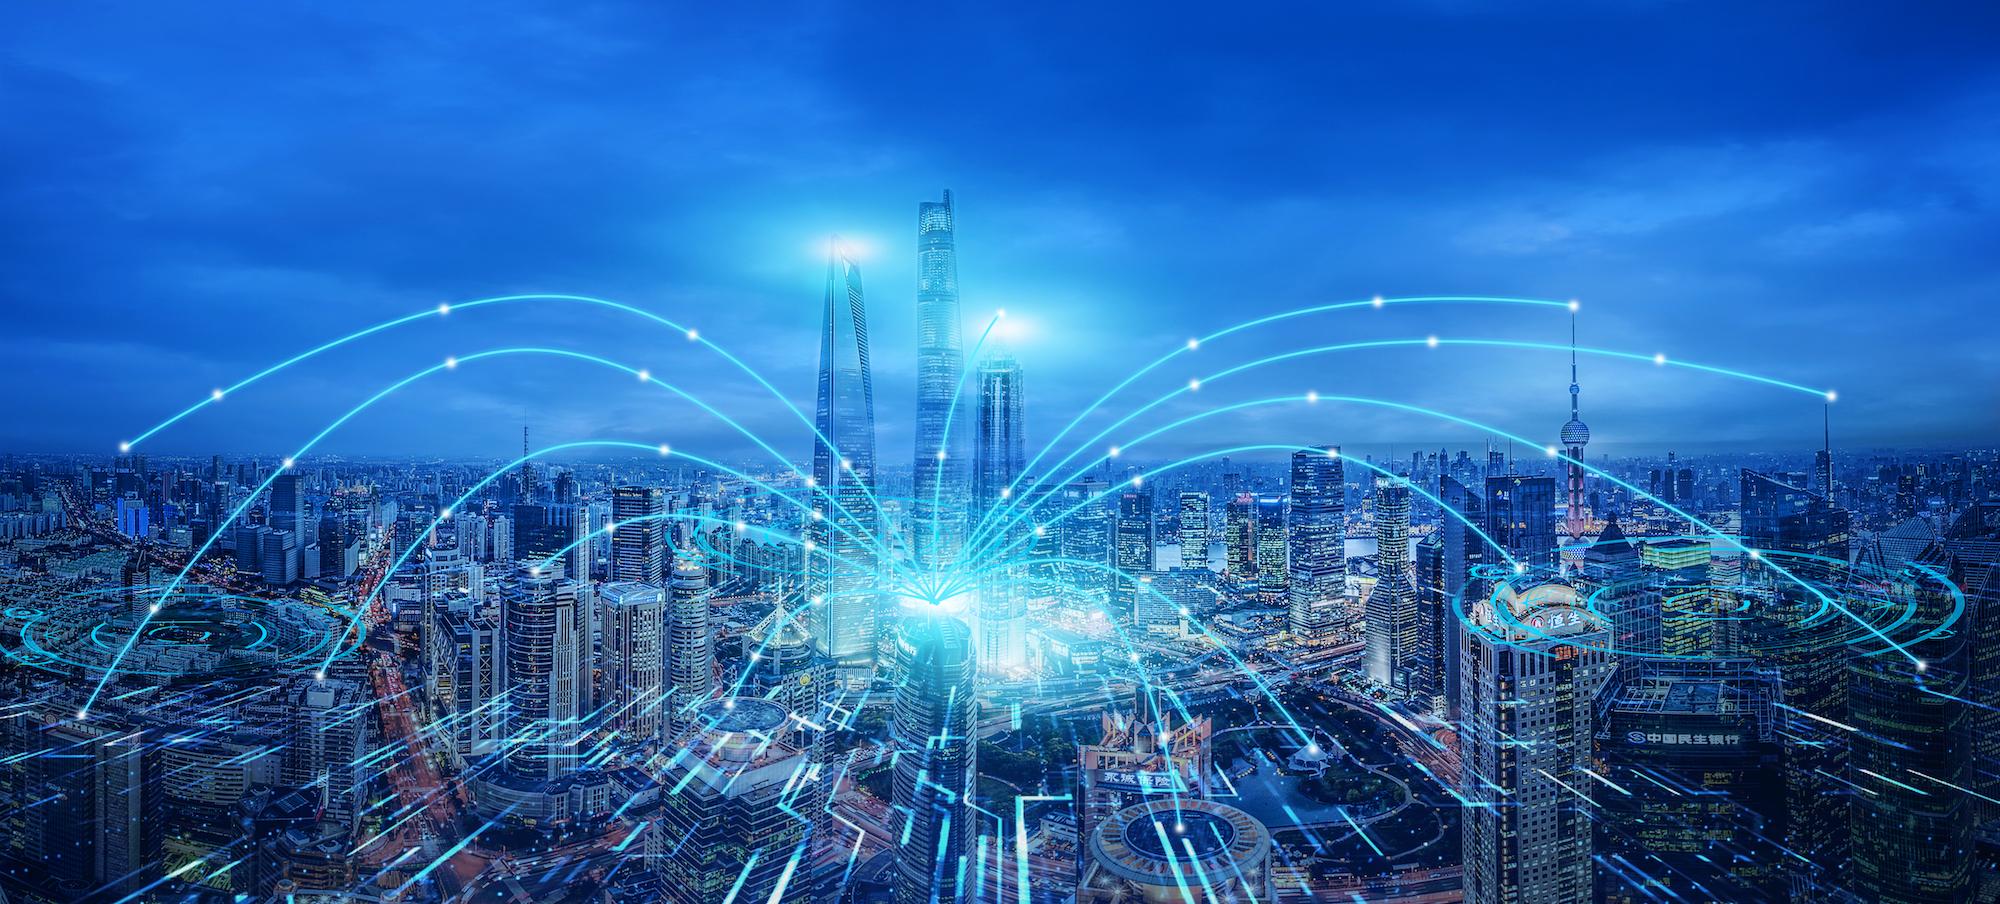 人工智能国际客厅市北区启动! 打造工业互联网集聚区